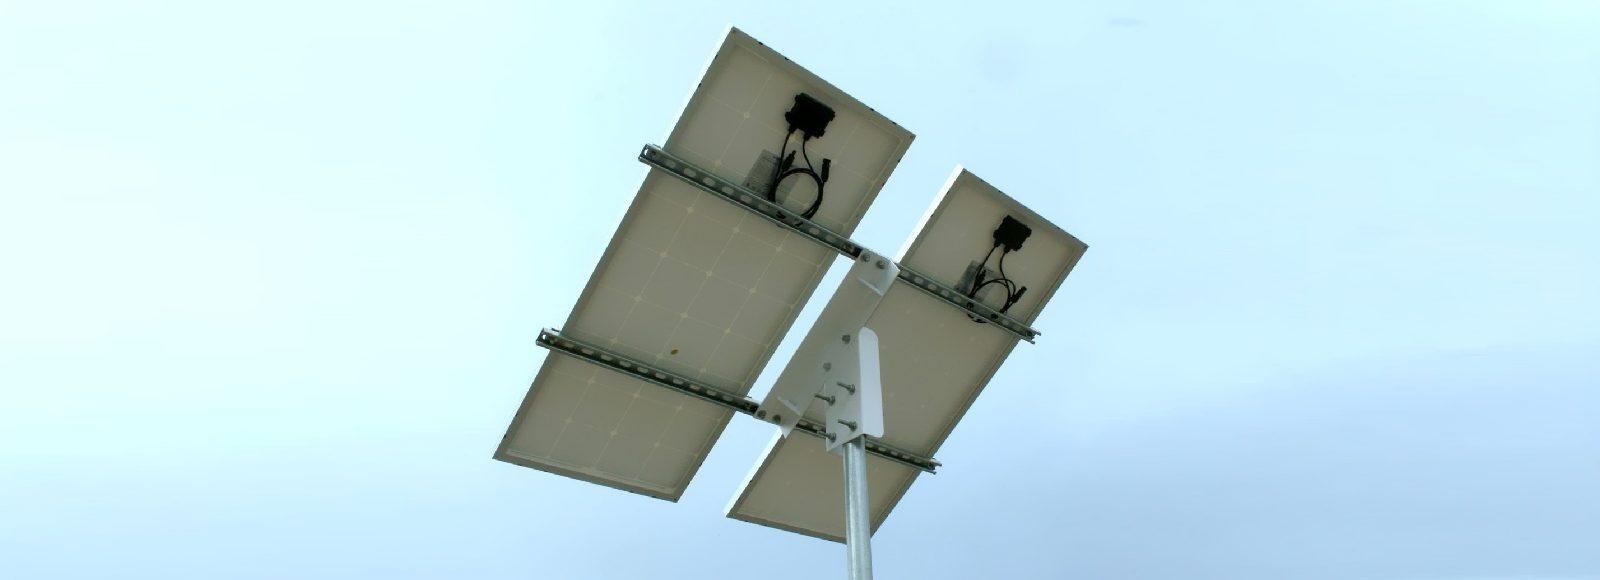 Опоры для монтажа солнечных панелей